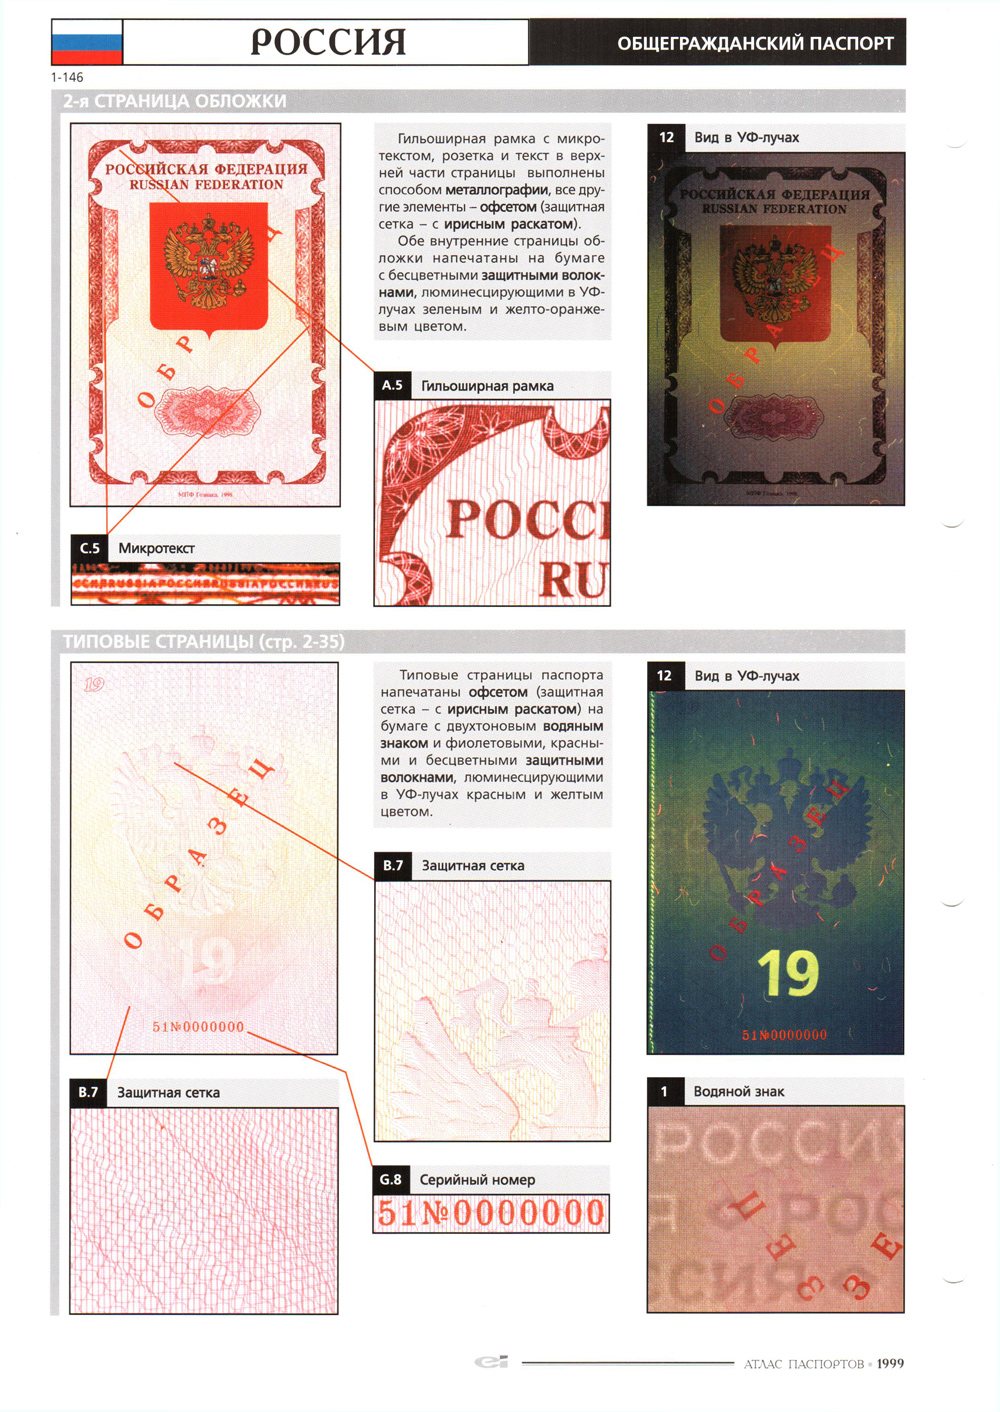 Как сделать копию паспорт в электронном виде